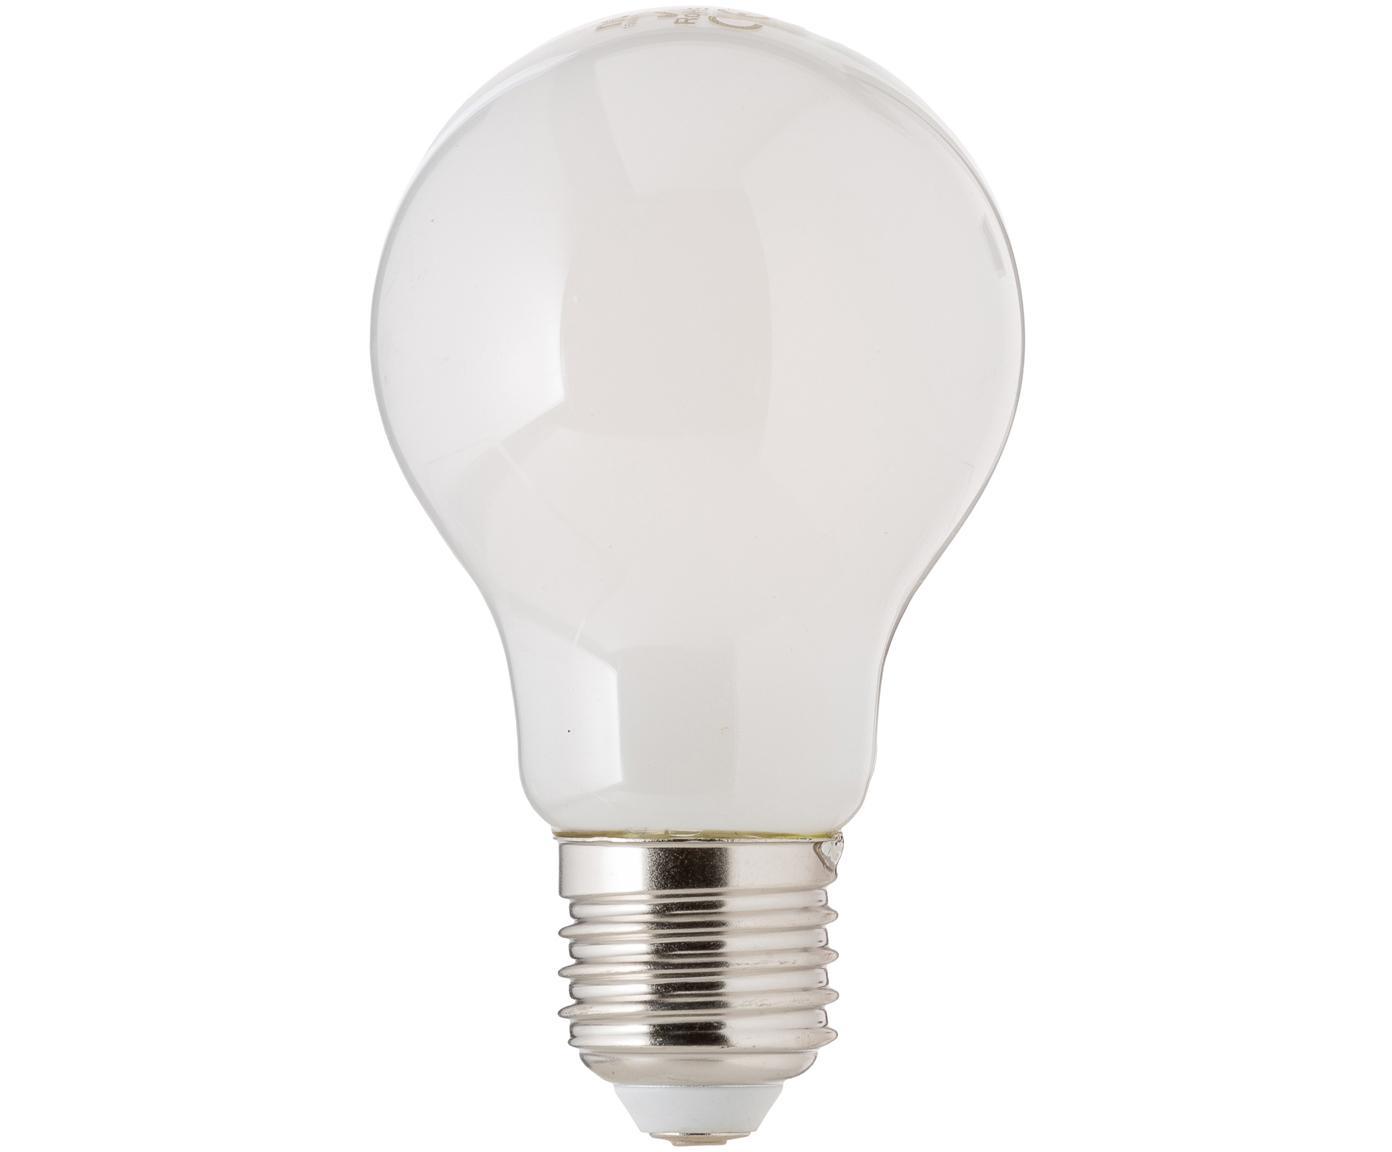 Leuchtmittel Hael (E27/4W), 5 Stück, Leuchtmittelschirm: Opalglas, Leuchtmittelfassung: Aluminium, Weiss, Ø 8 x H 10 cm